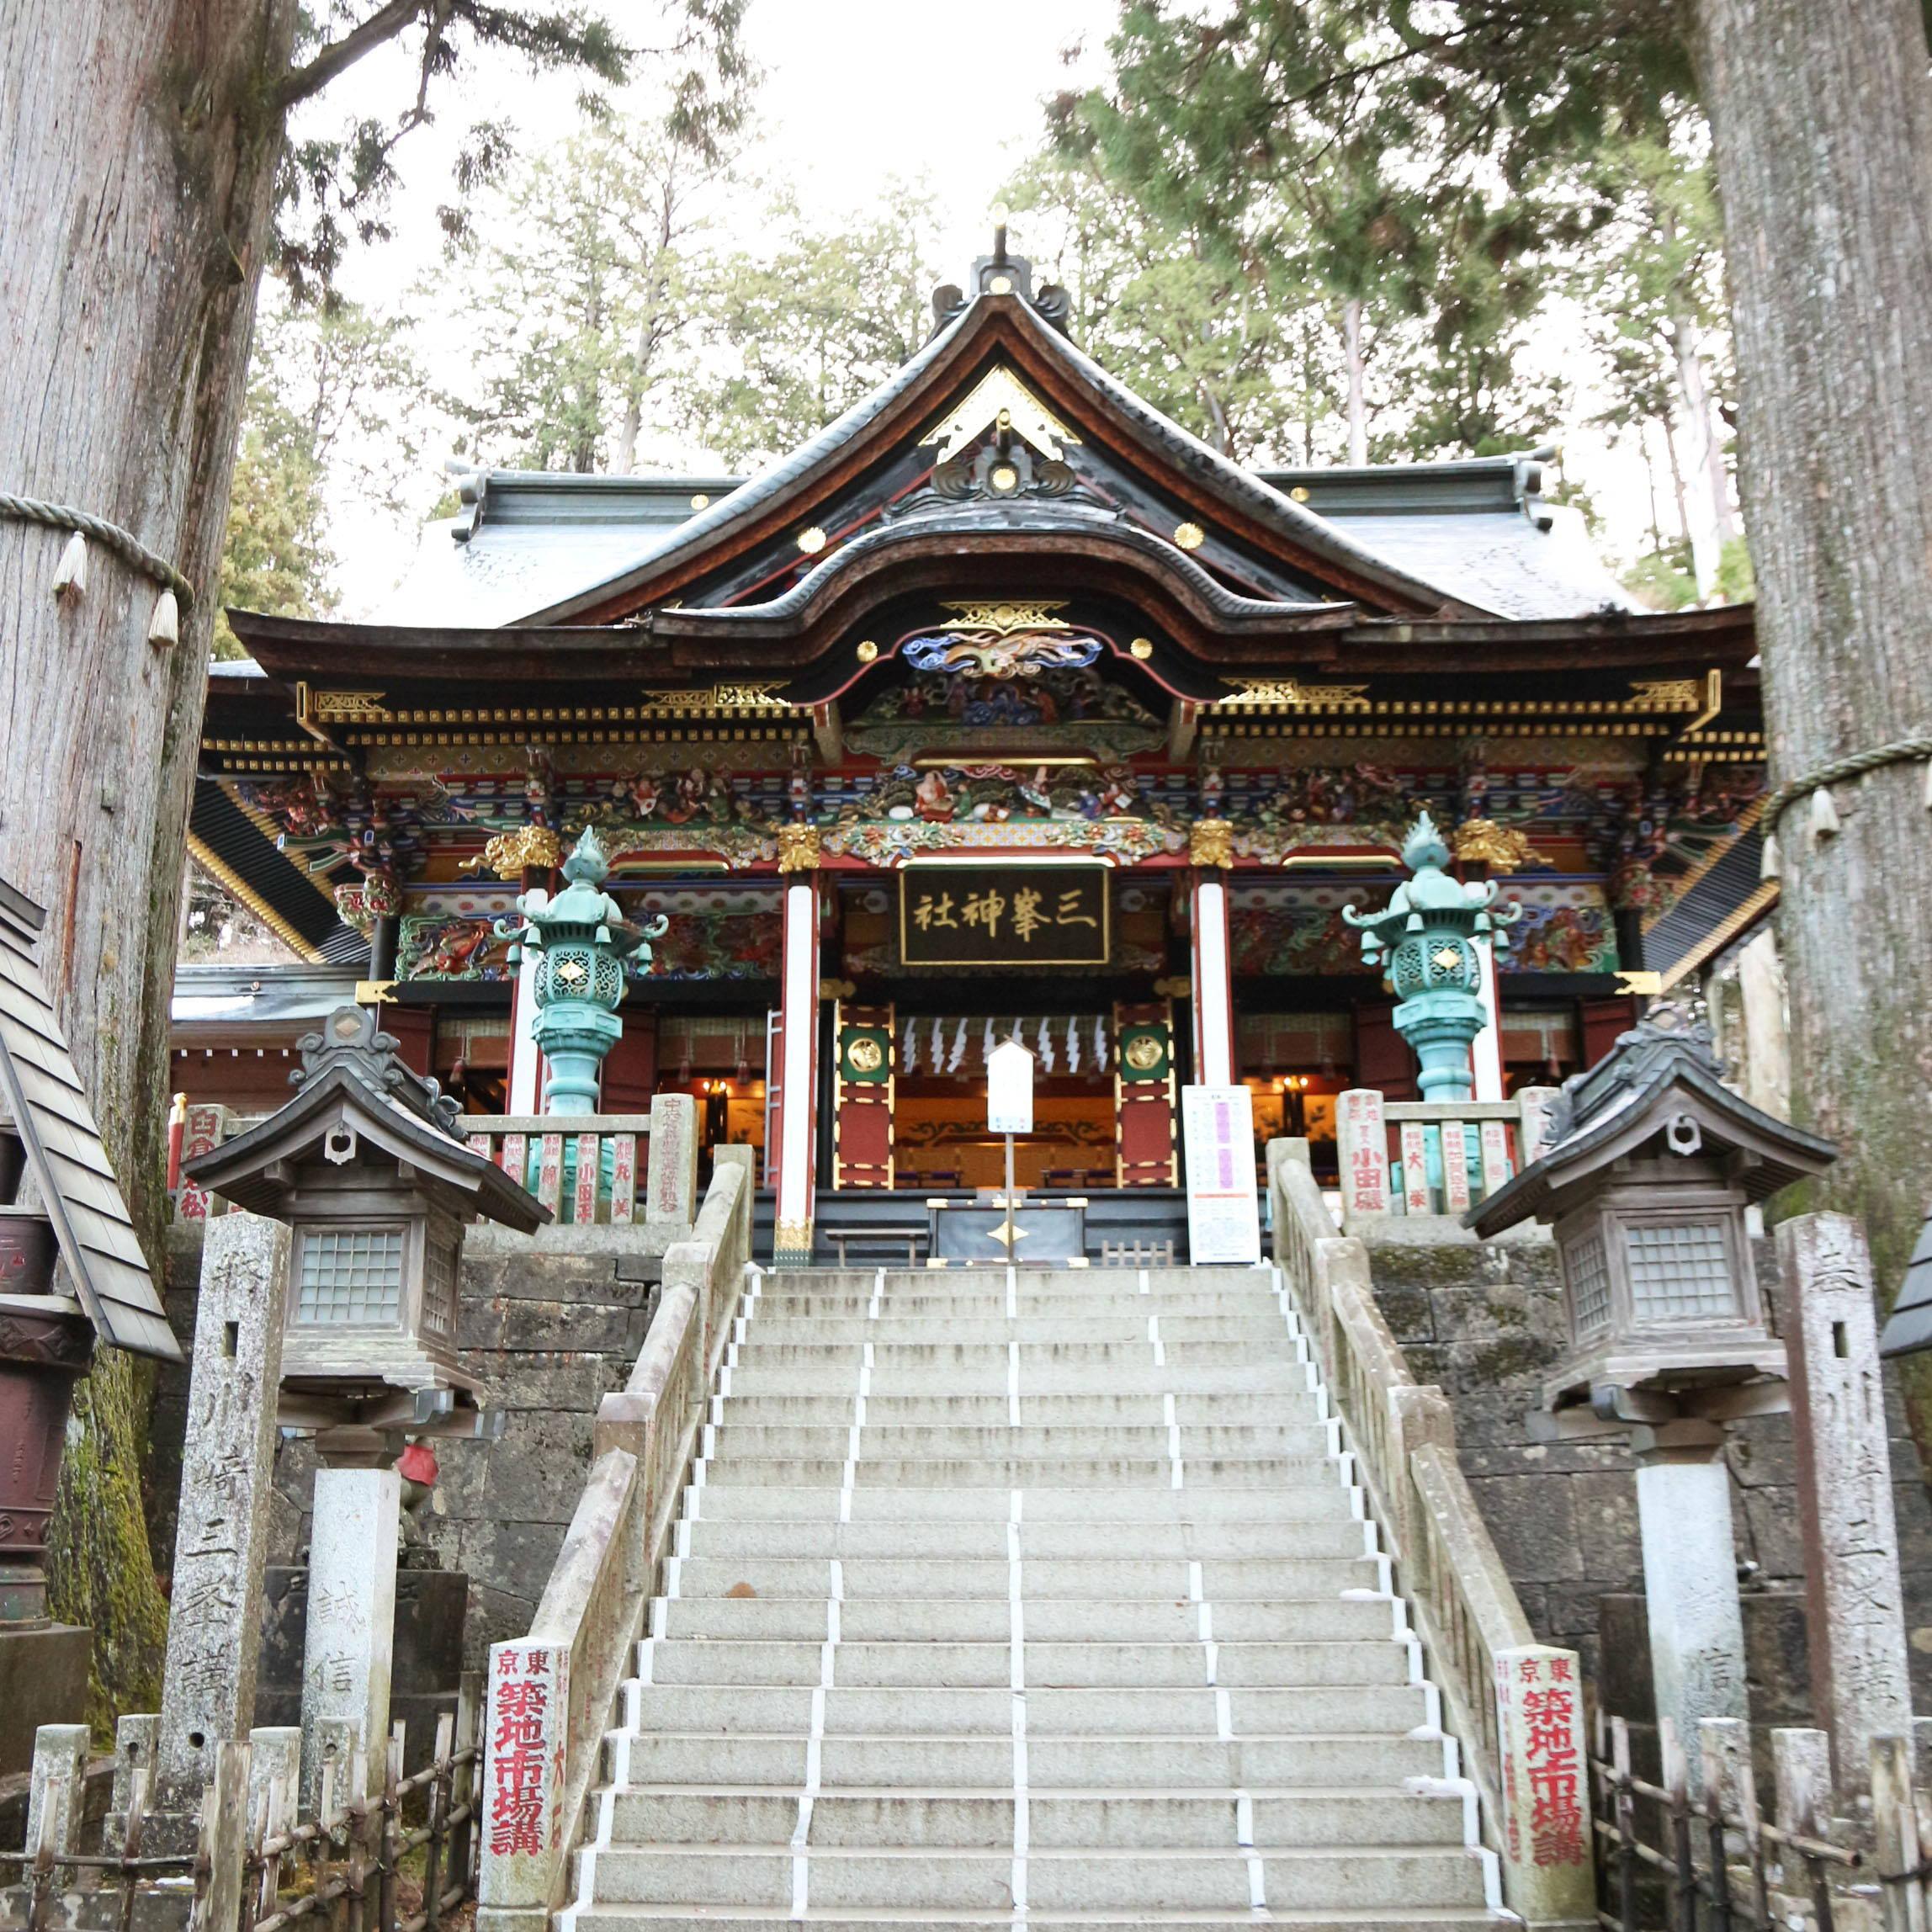 【パワースポット】#01:関東一のパワースポット、三峯神社へ